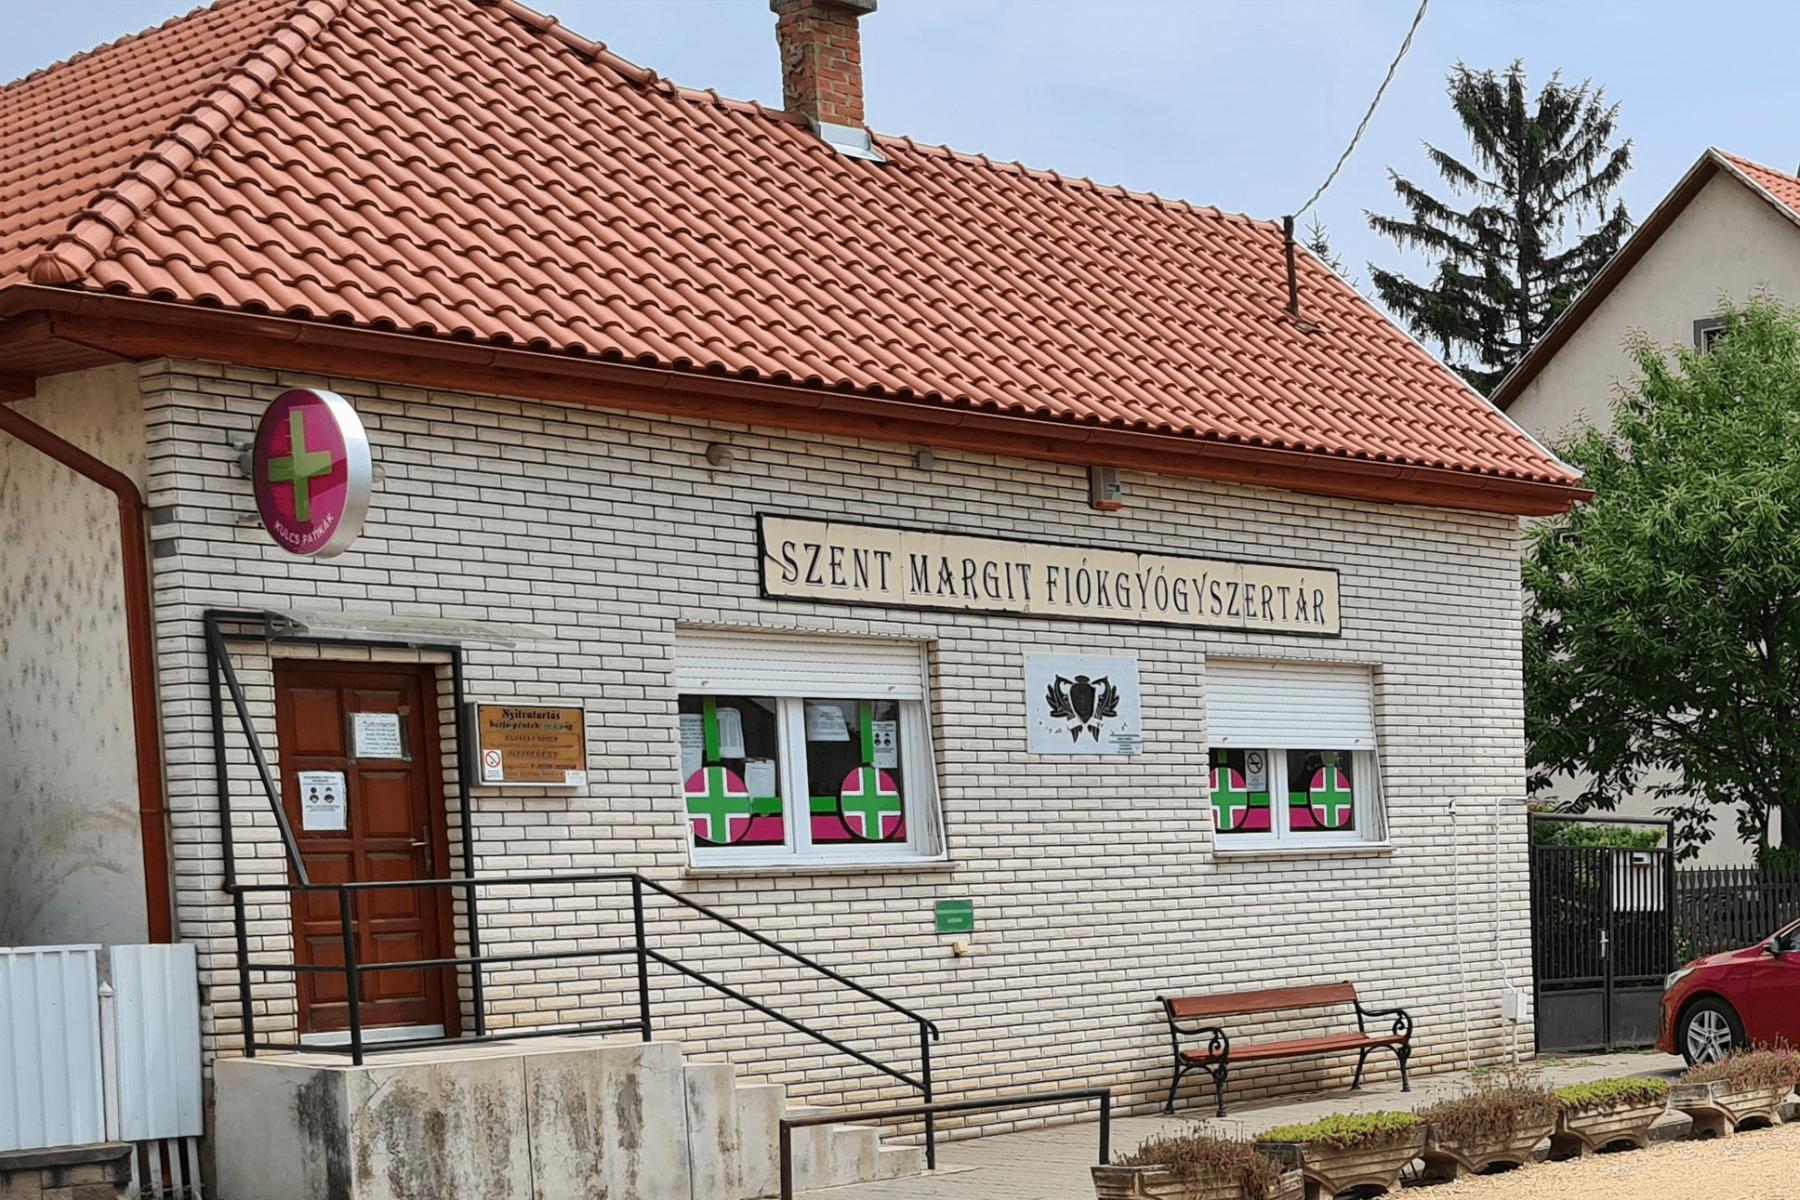 Szent Margit Fiókgyógyszertár - Pharmy - Jászdózsa